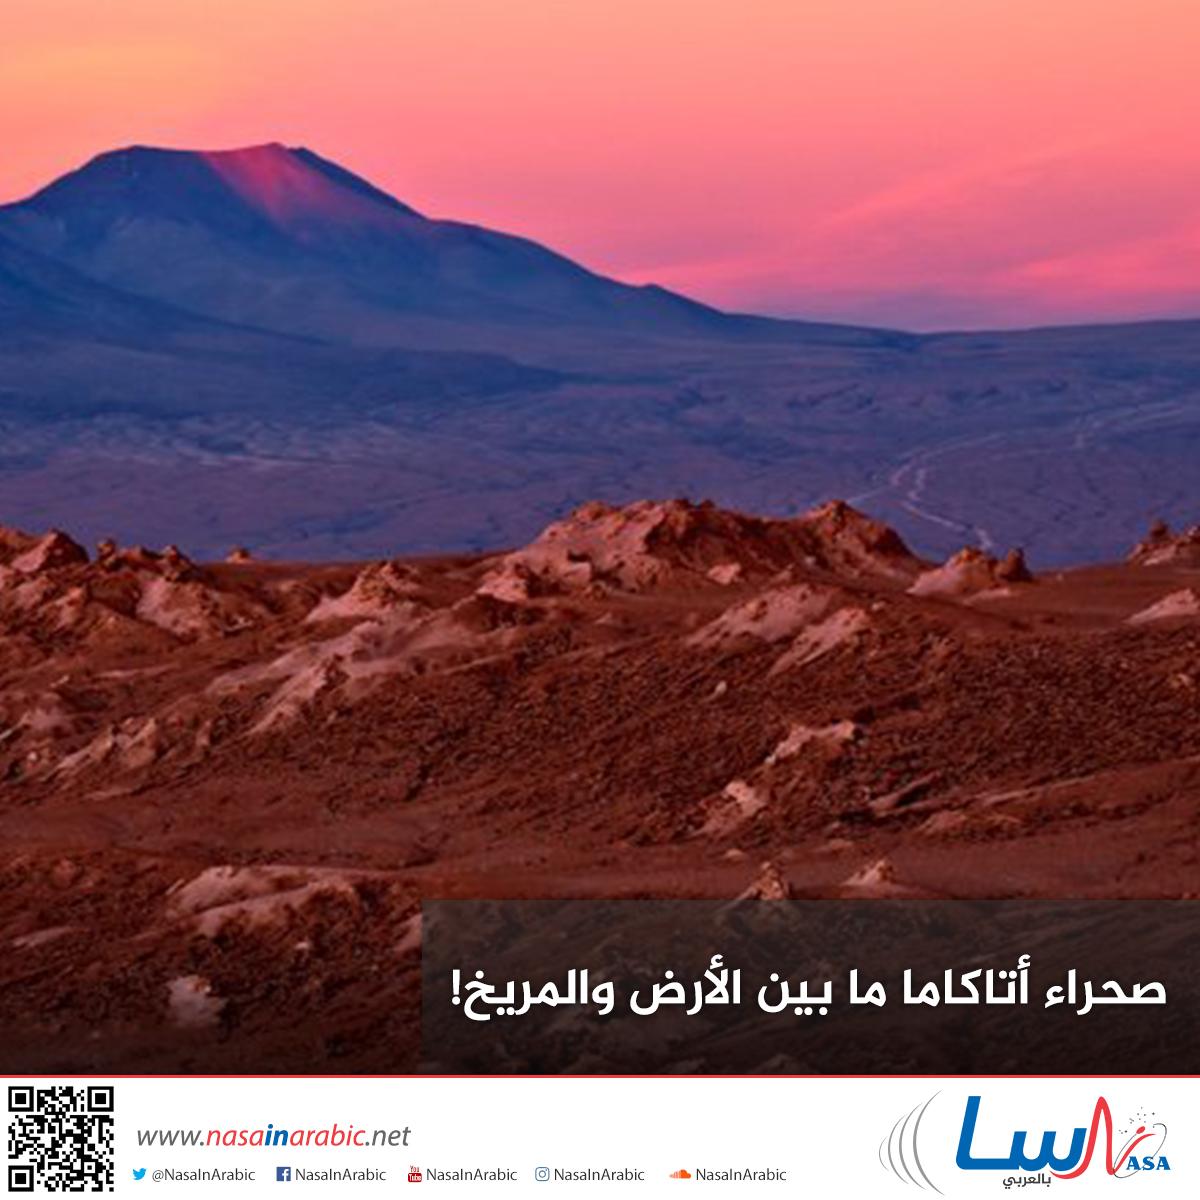 صحراء أتاكاما ما بين الأرض والمريخ!